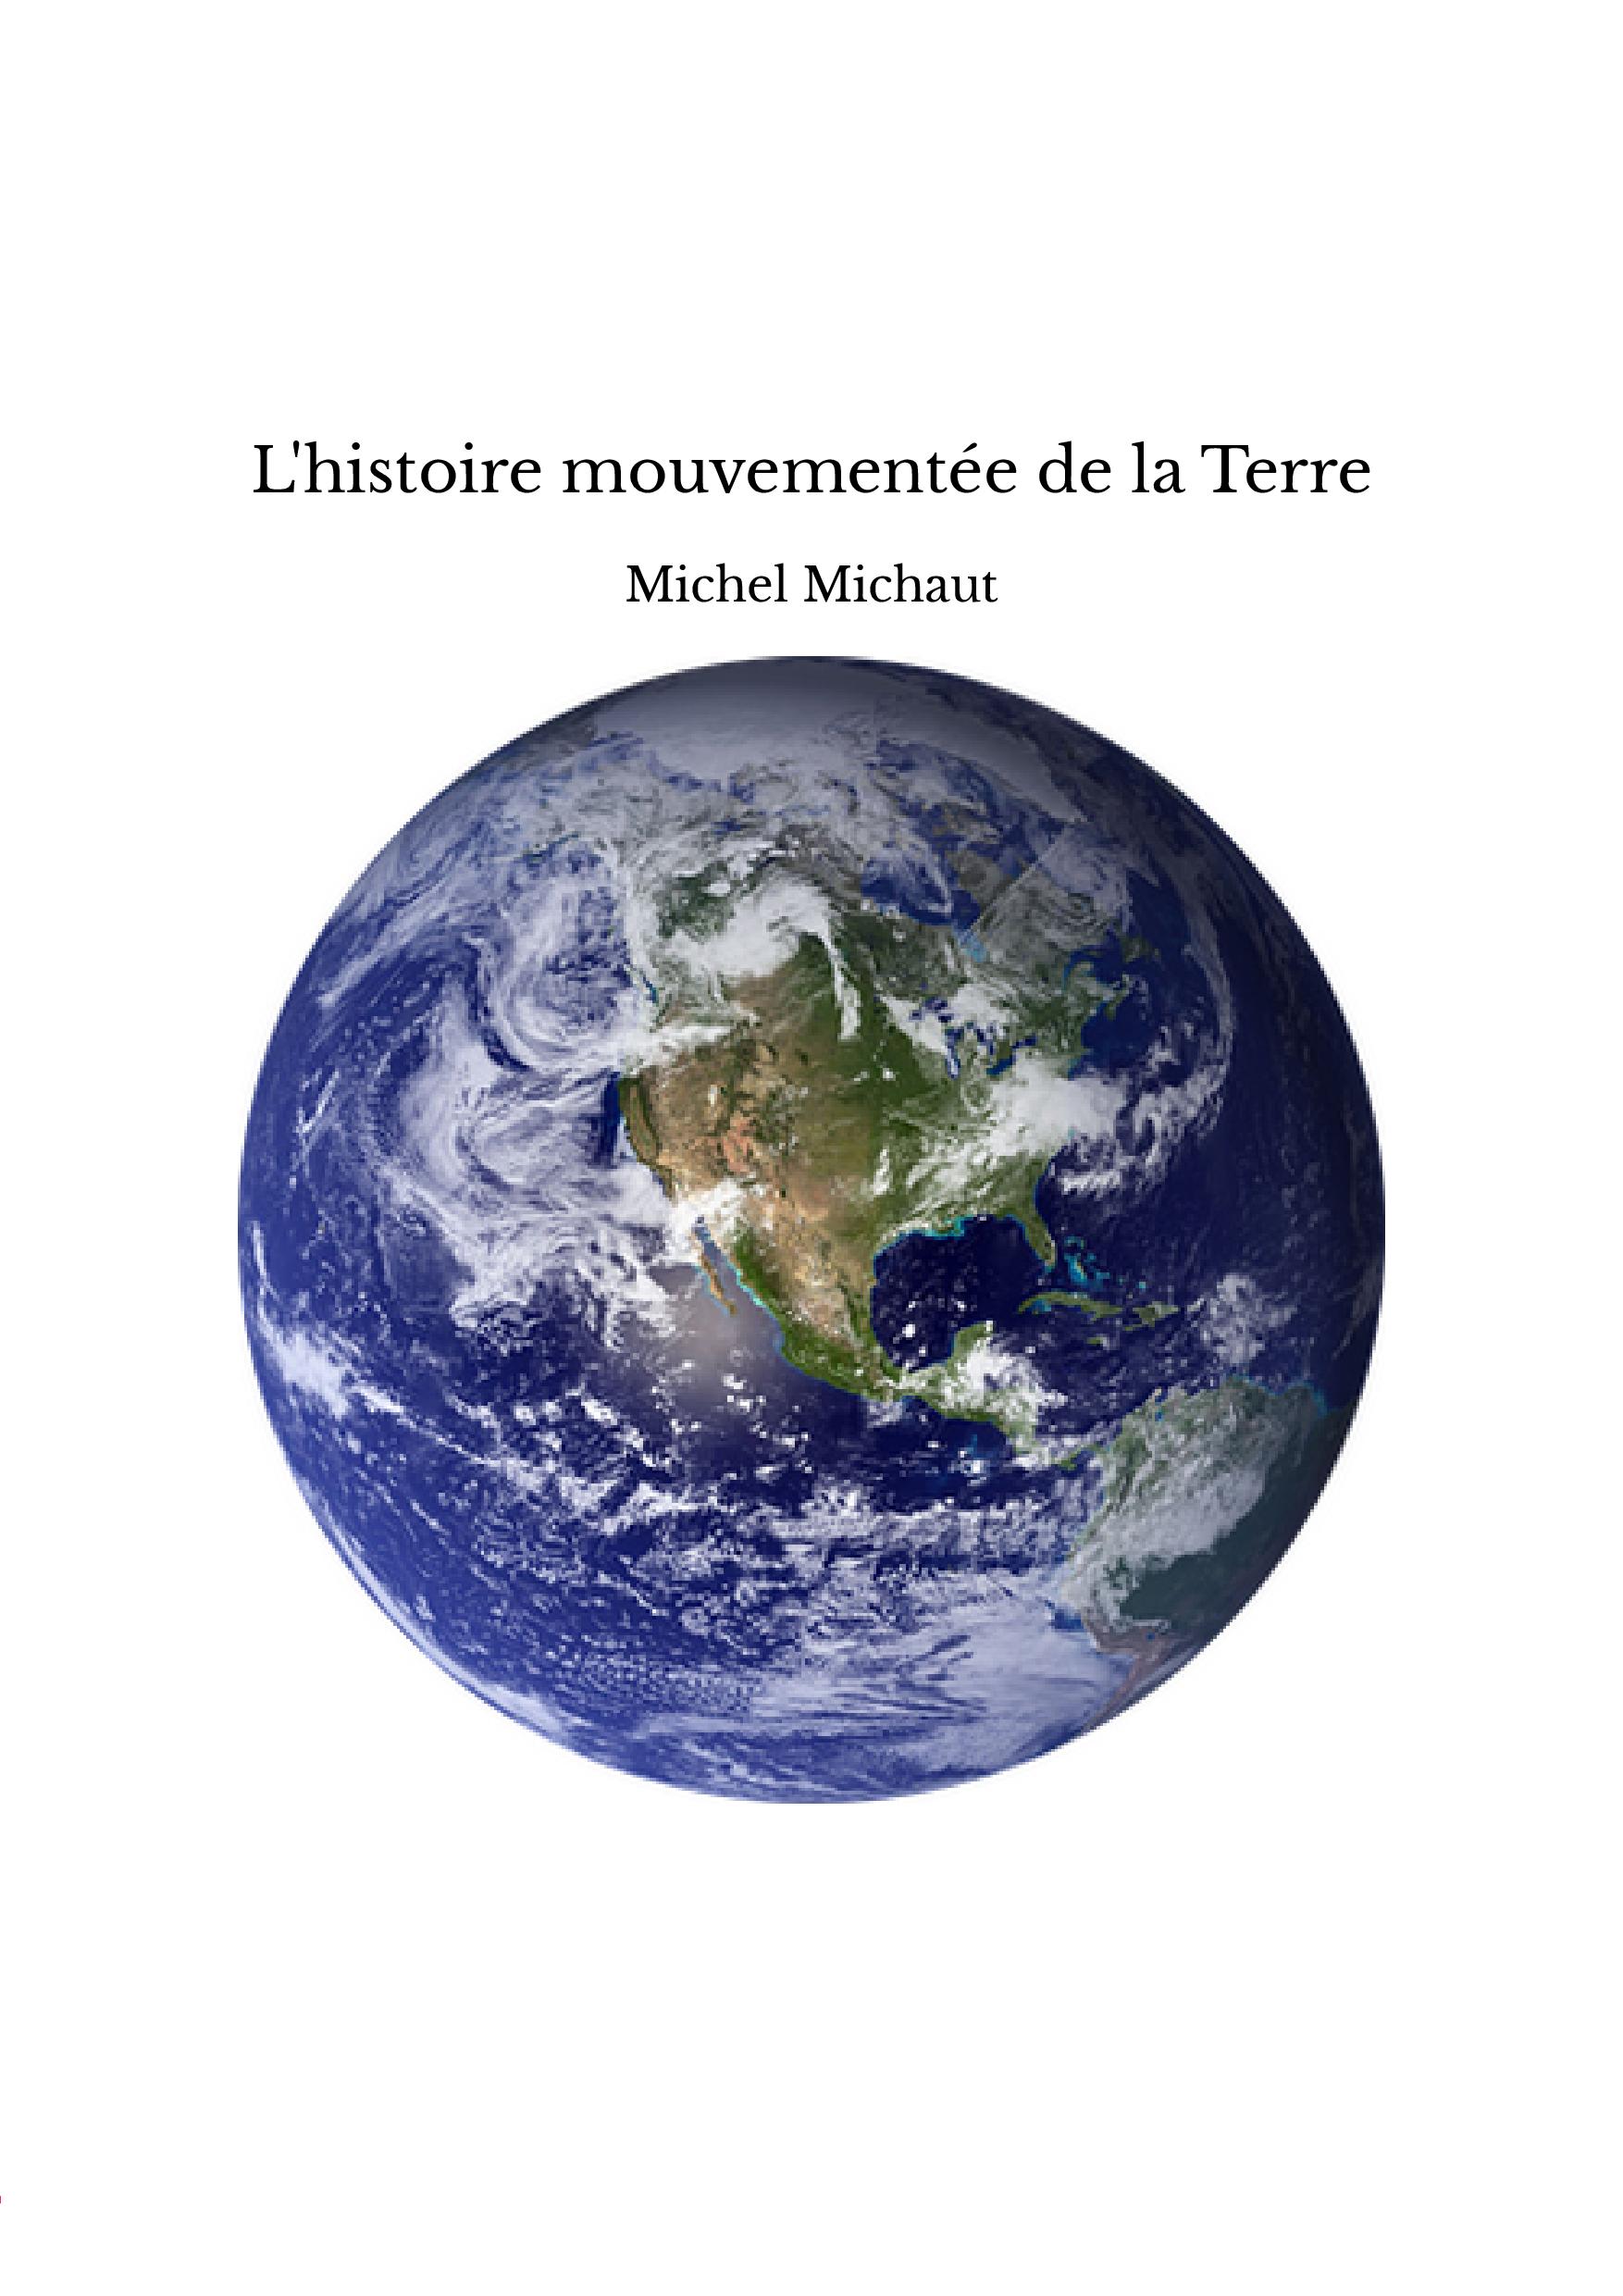 L'histoire mouvementée de la Terre